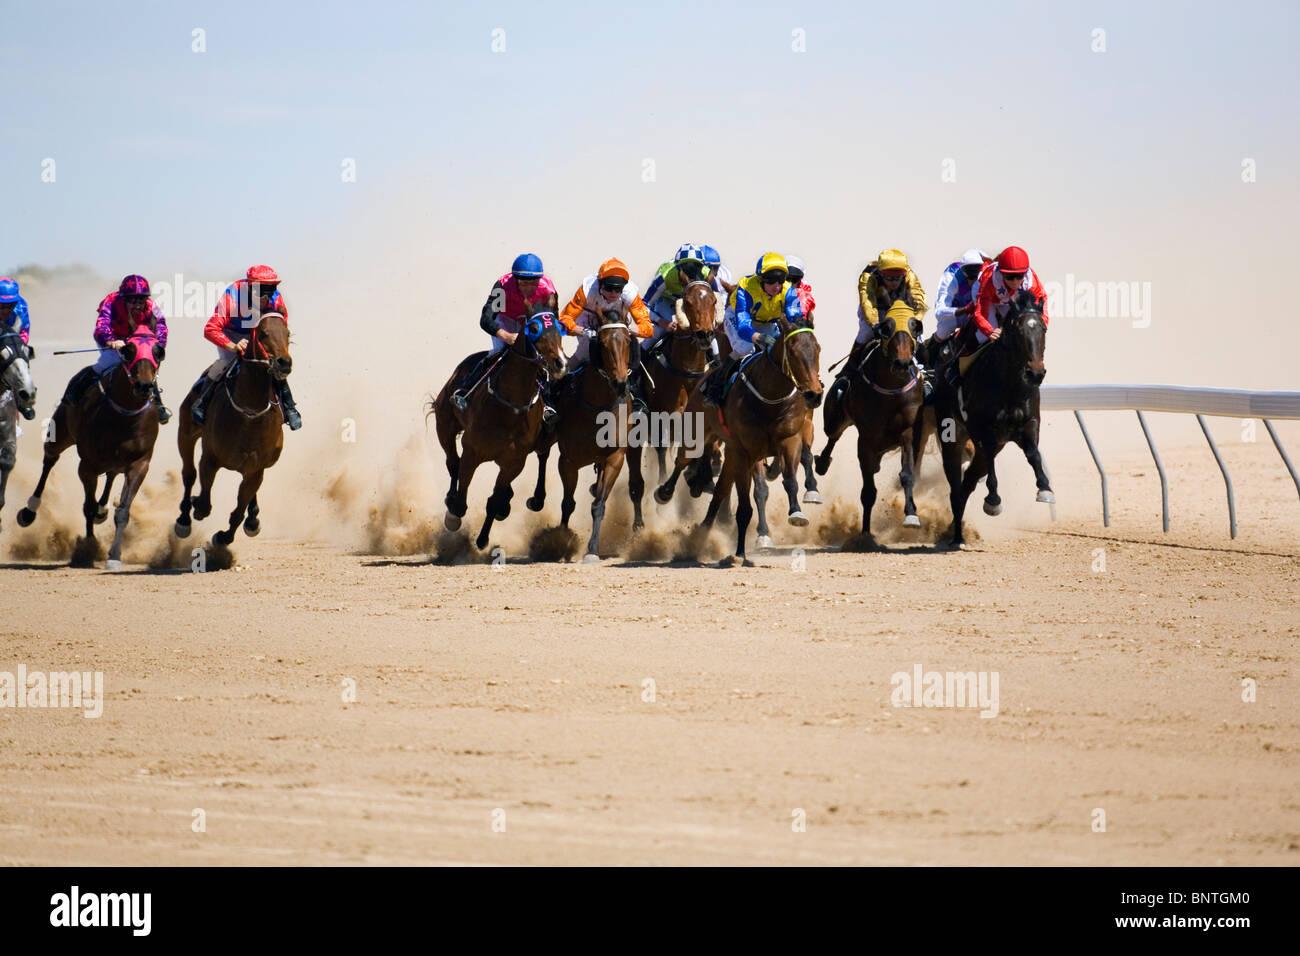 Pferderennen im Outback bei den Birdsville Cup Rennen.  Birdsville, Queensland, Australien. Stockbild